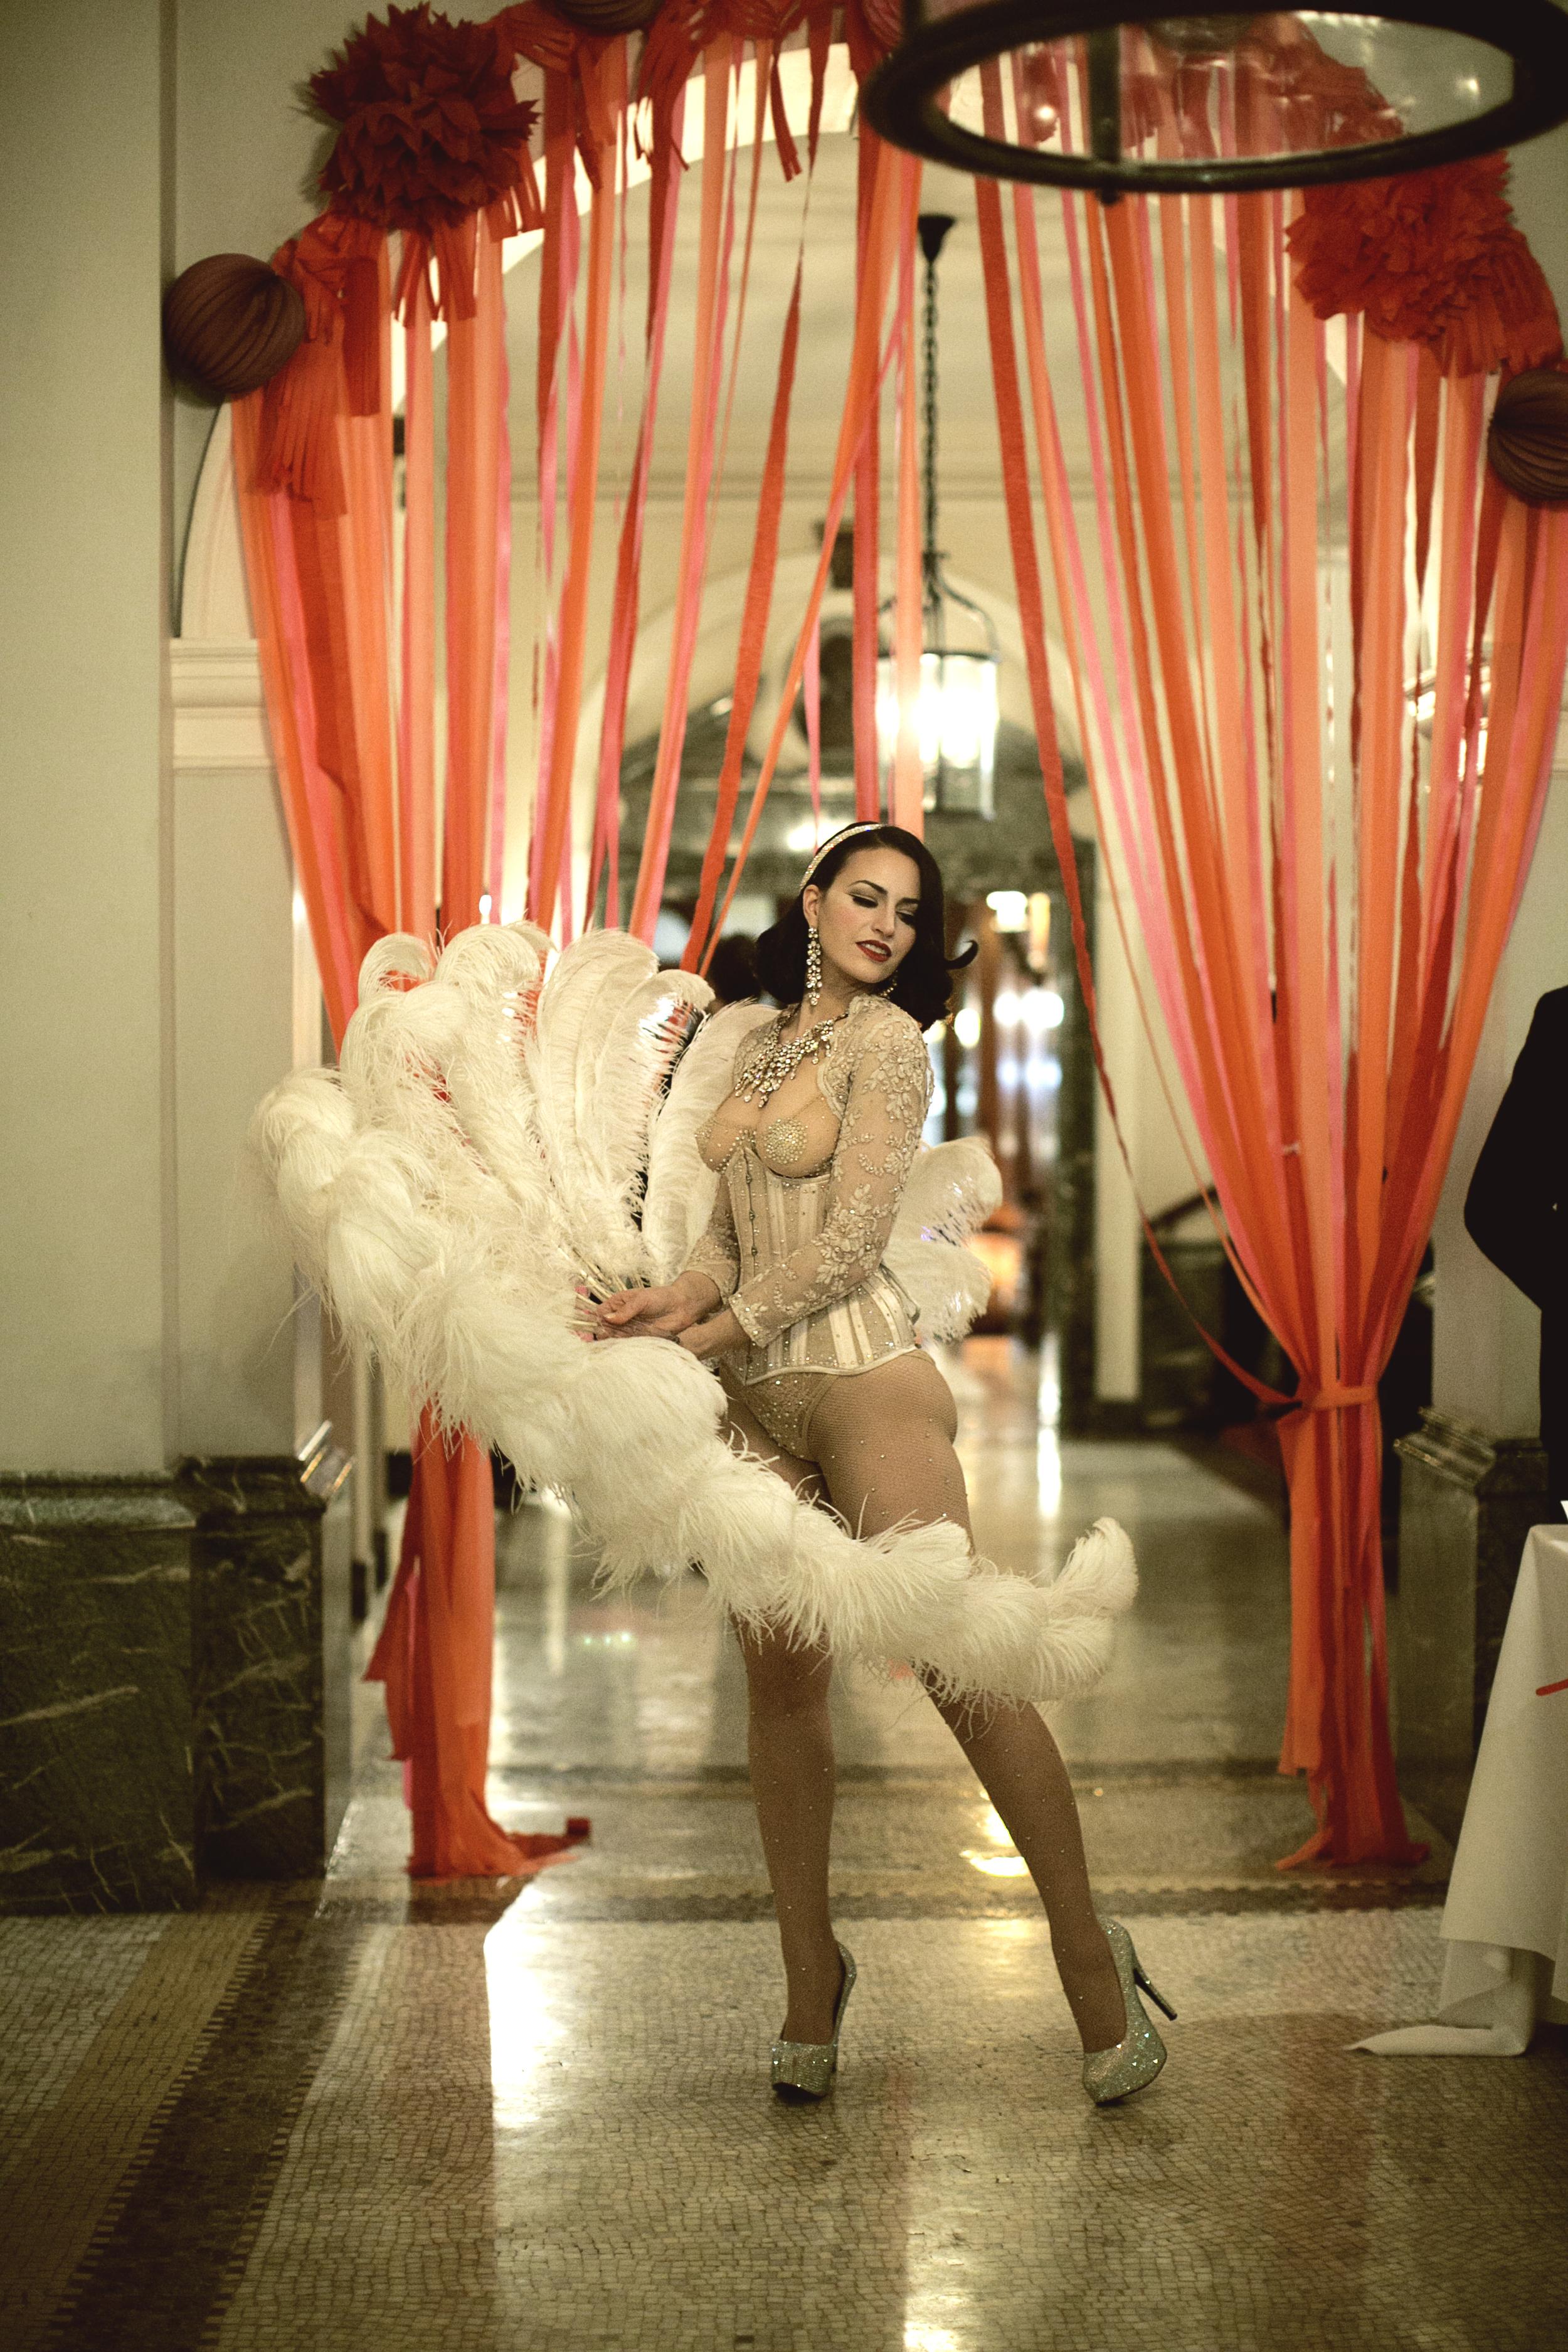 Feather Fan Showgirl